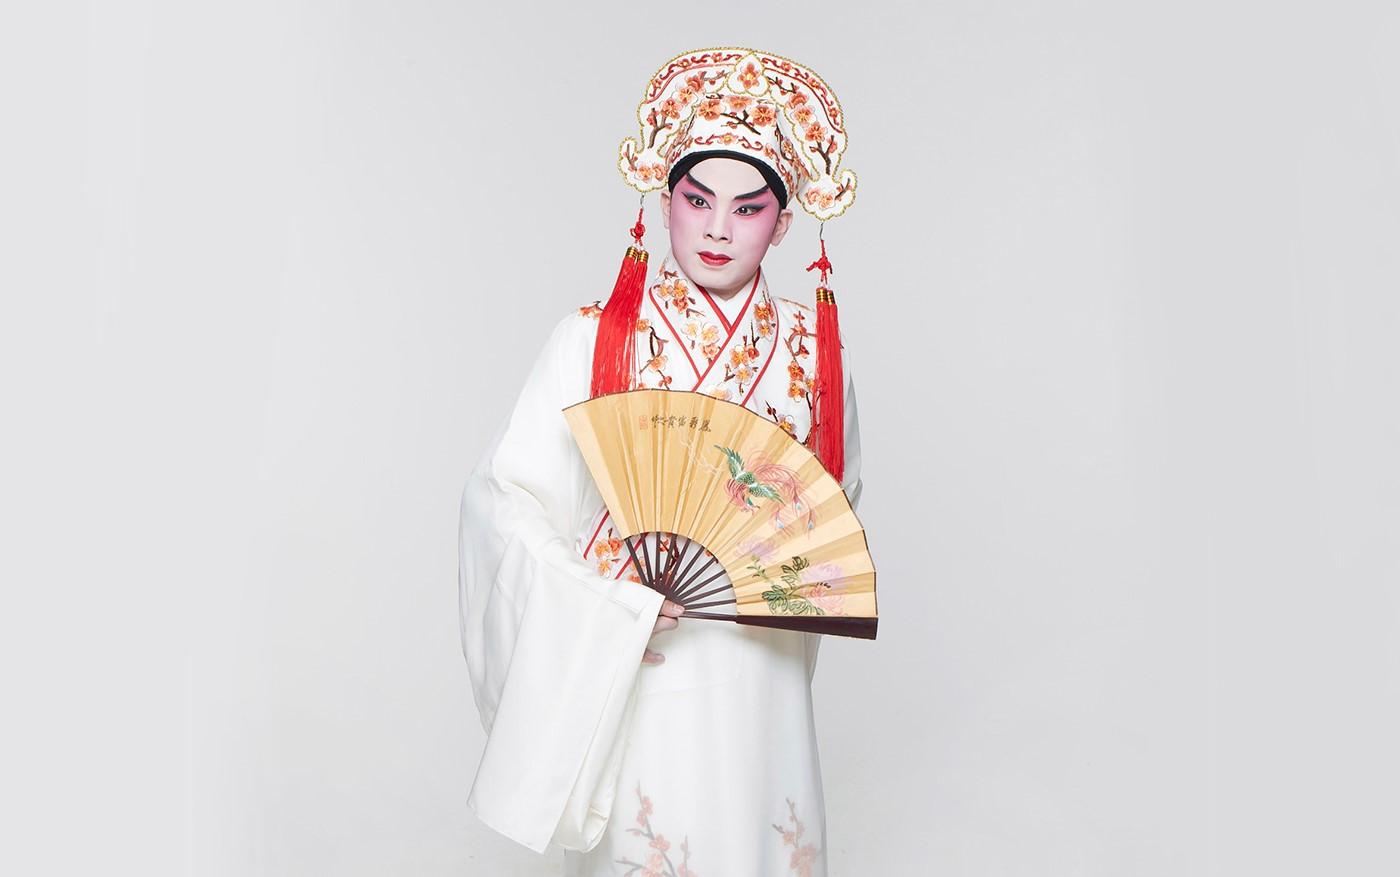 Rising Star Ruan Dewen as Wang Zi-mei